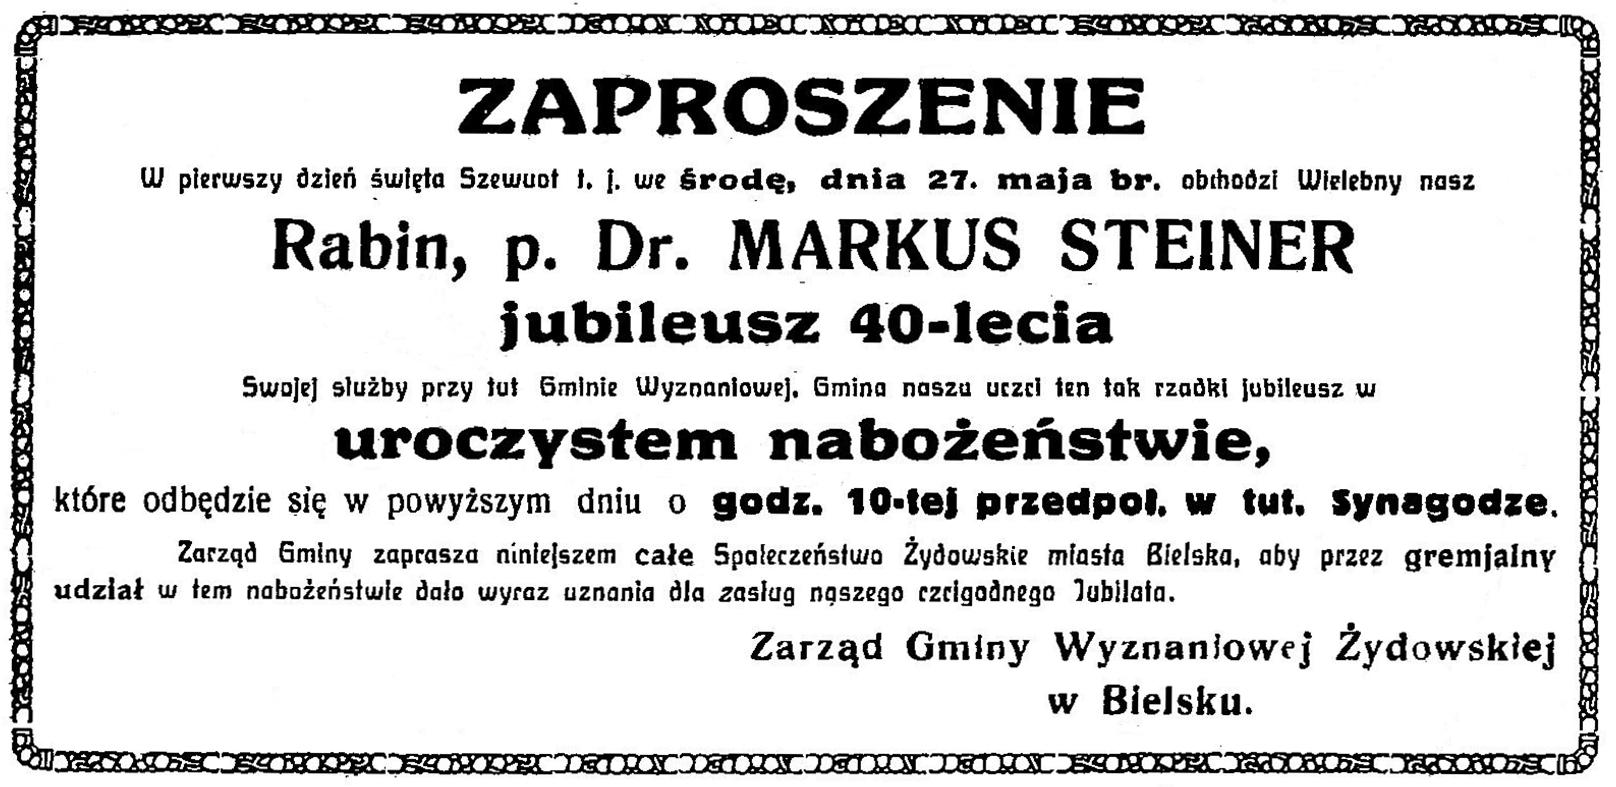 Plikzaproszenie Na Jubileusz Rabina Markusa Steinerajpg